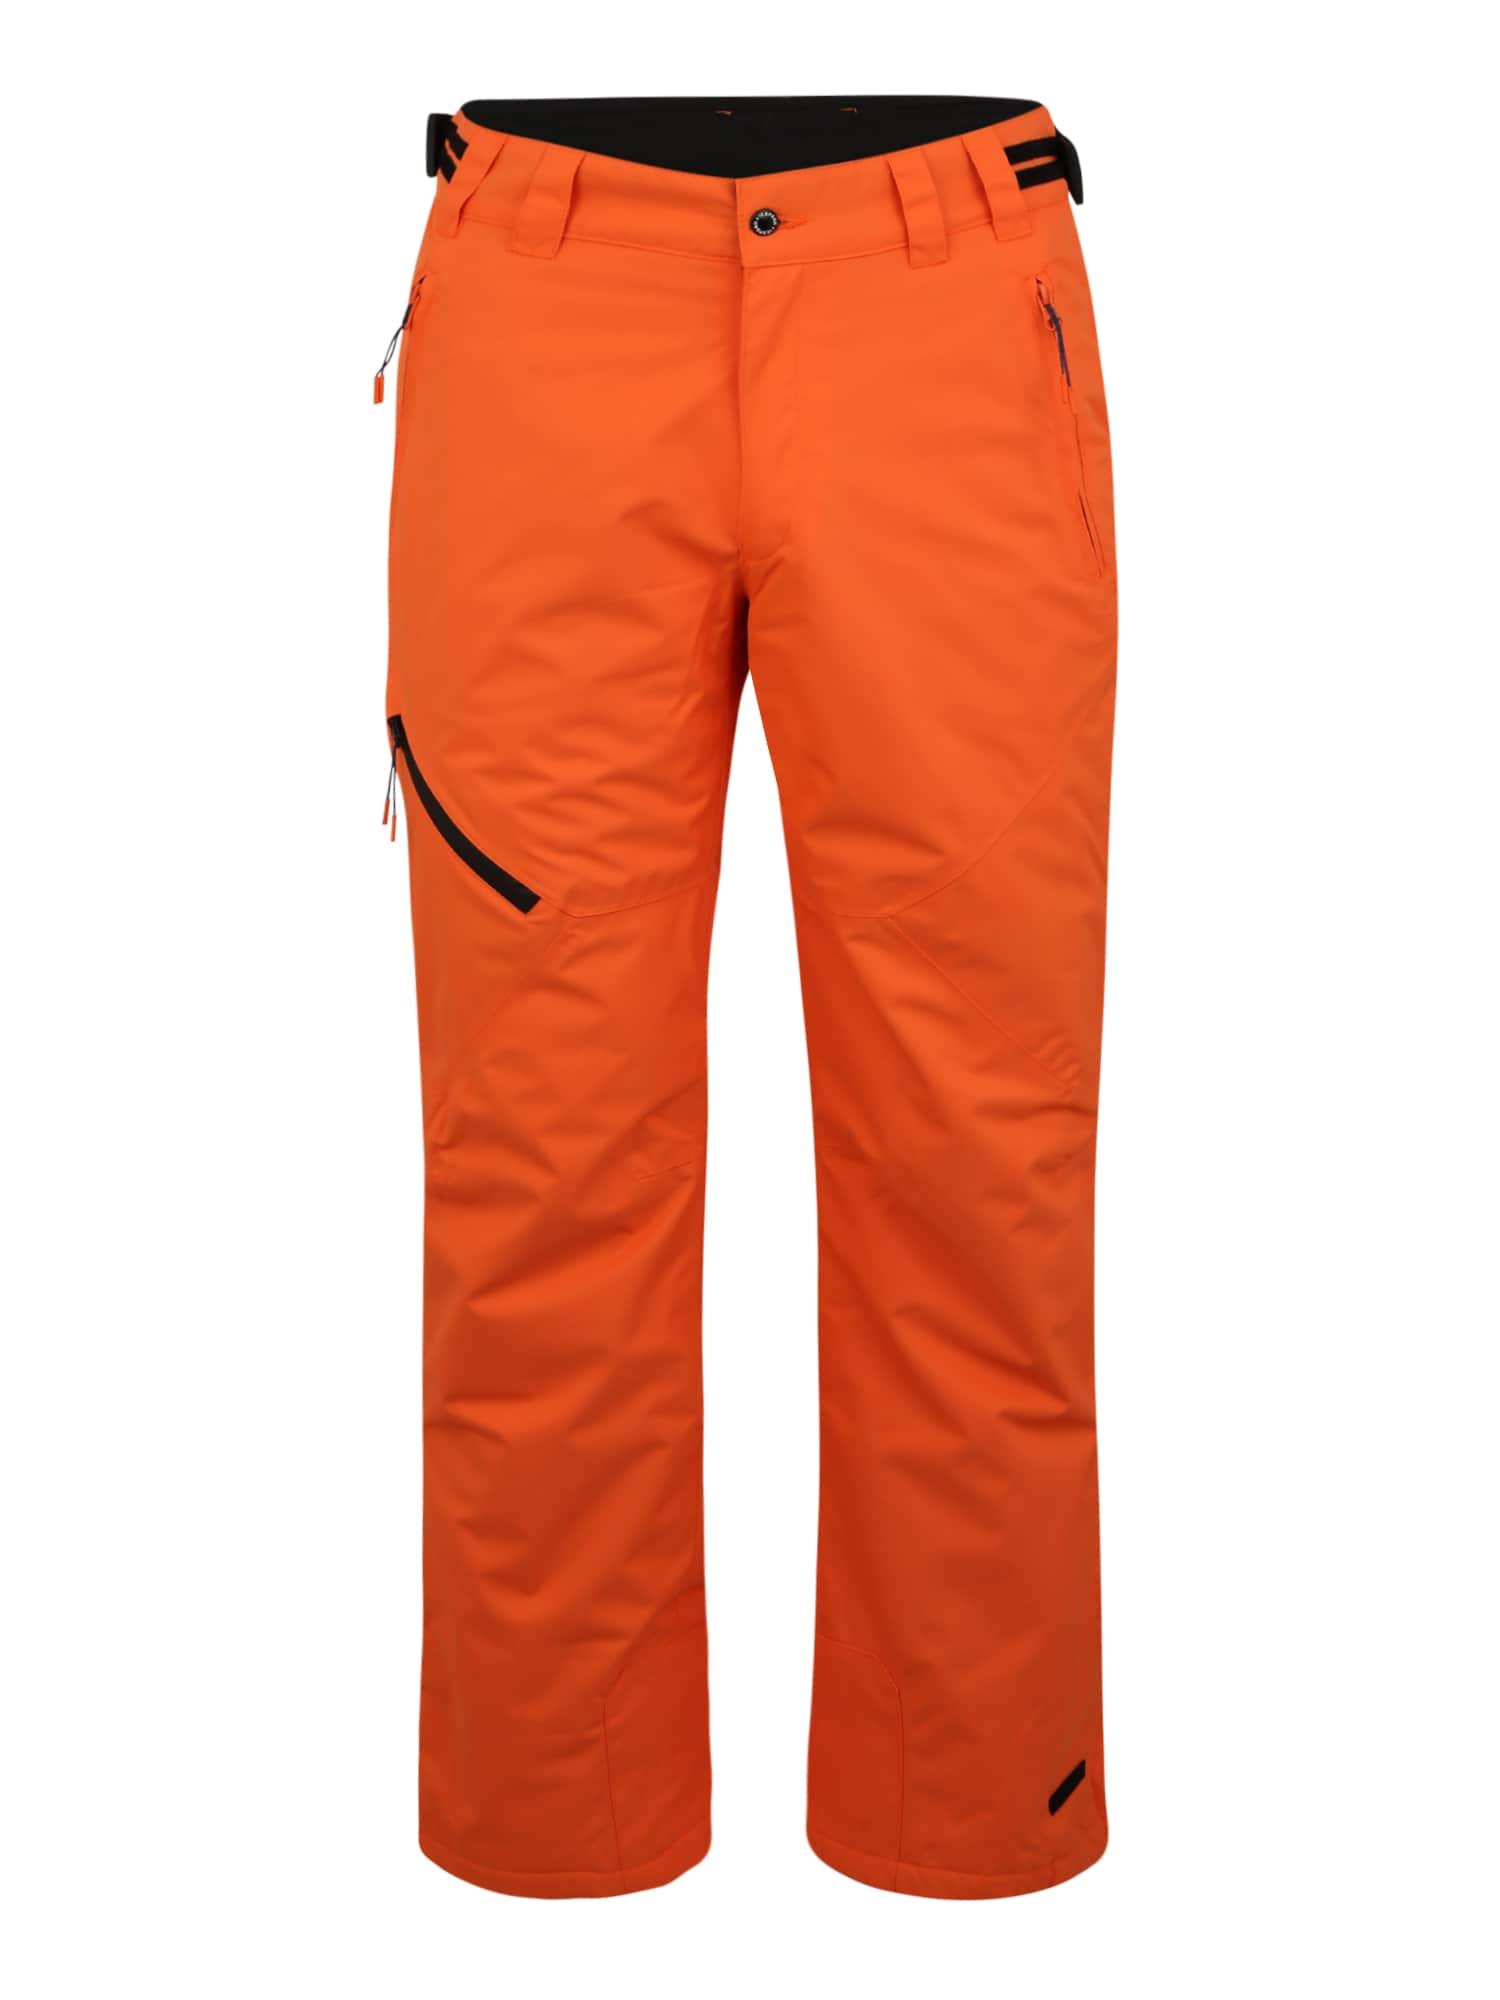 ICEPEAK Laisvalaikio kelnės 'Johnny' oranžinė